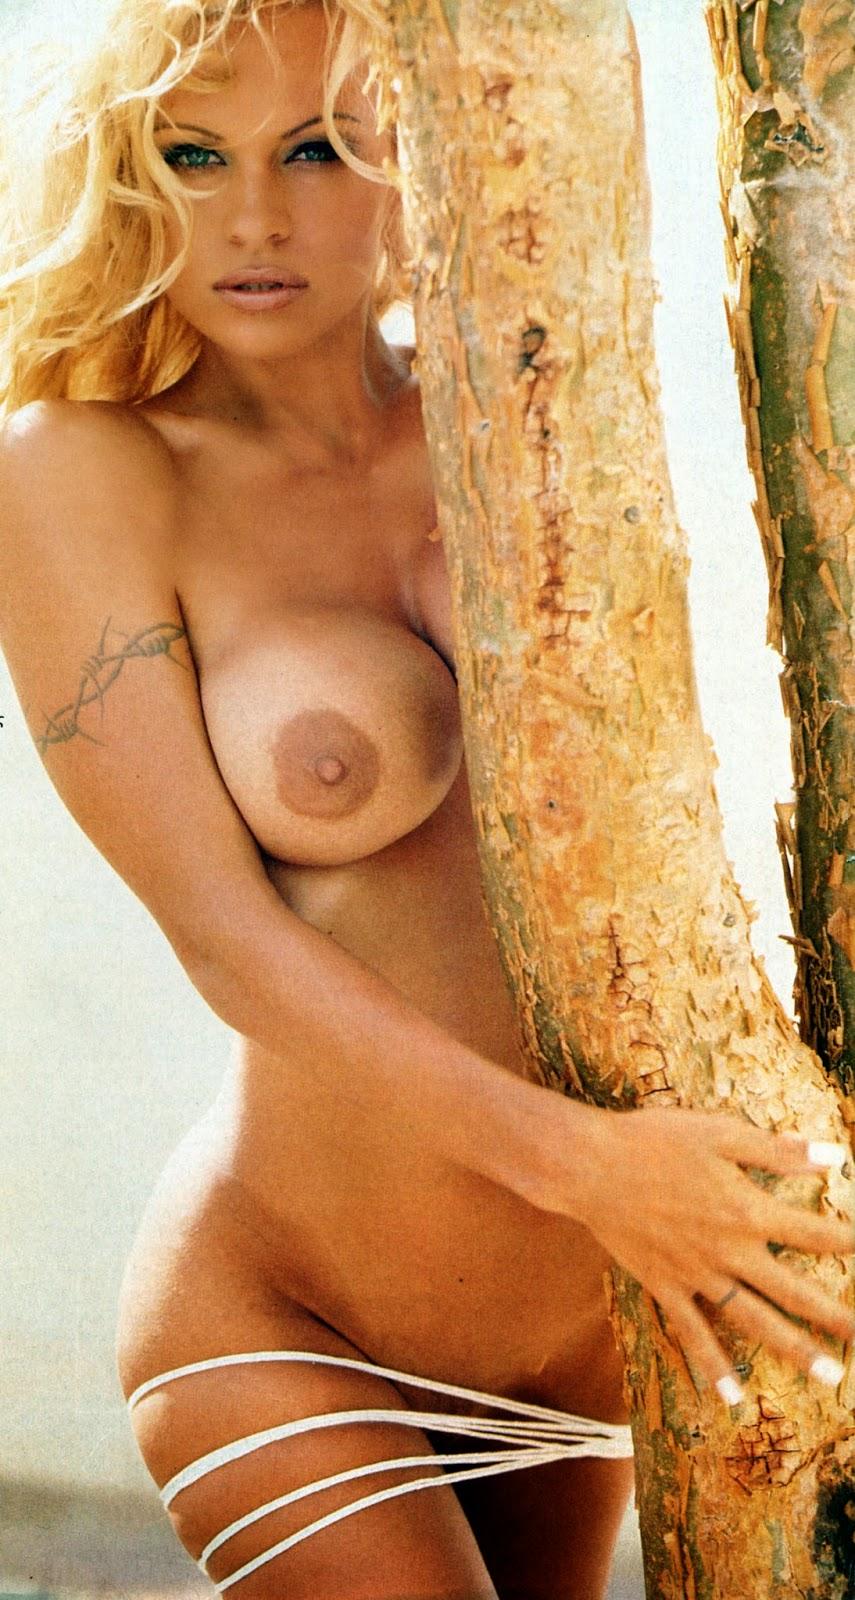 deutsche bilder nackte pussys bider gestohlen